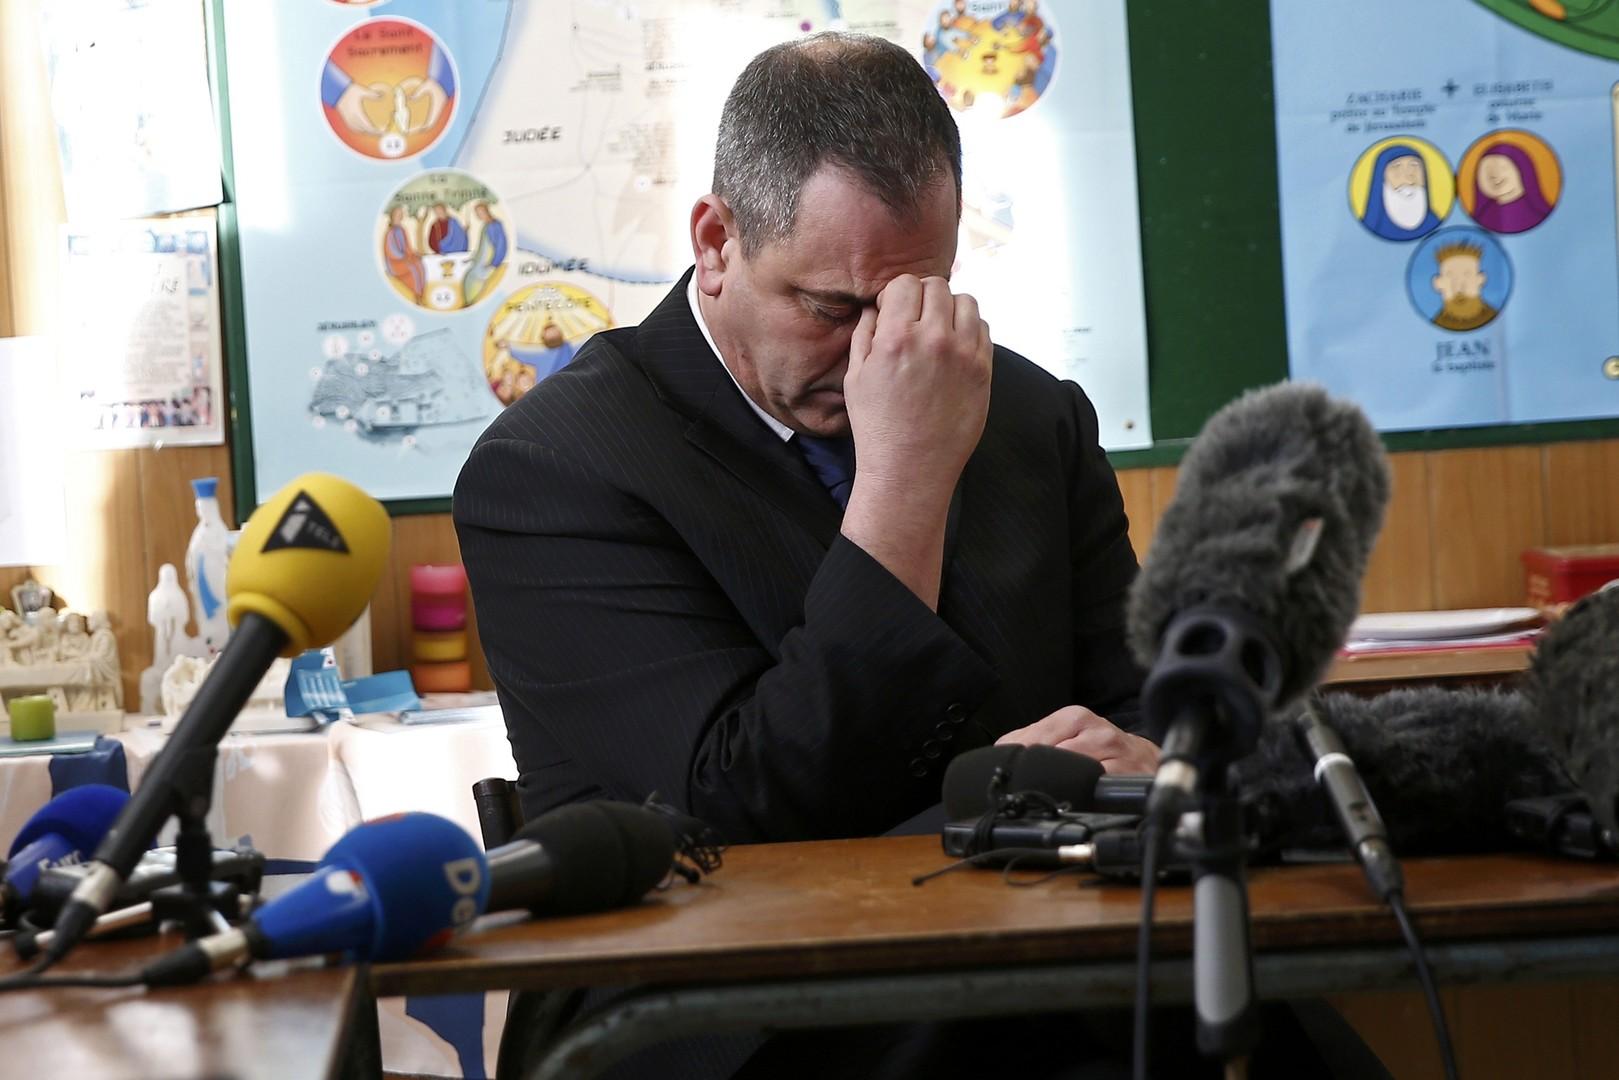 L'homme qui voulait sauver une fillette du camp de Calais condamné à 1000 euros d'amende avec sursis